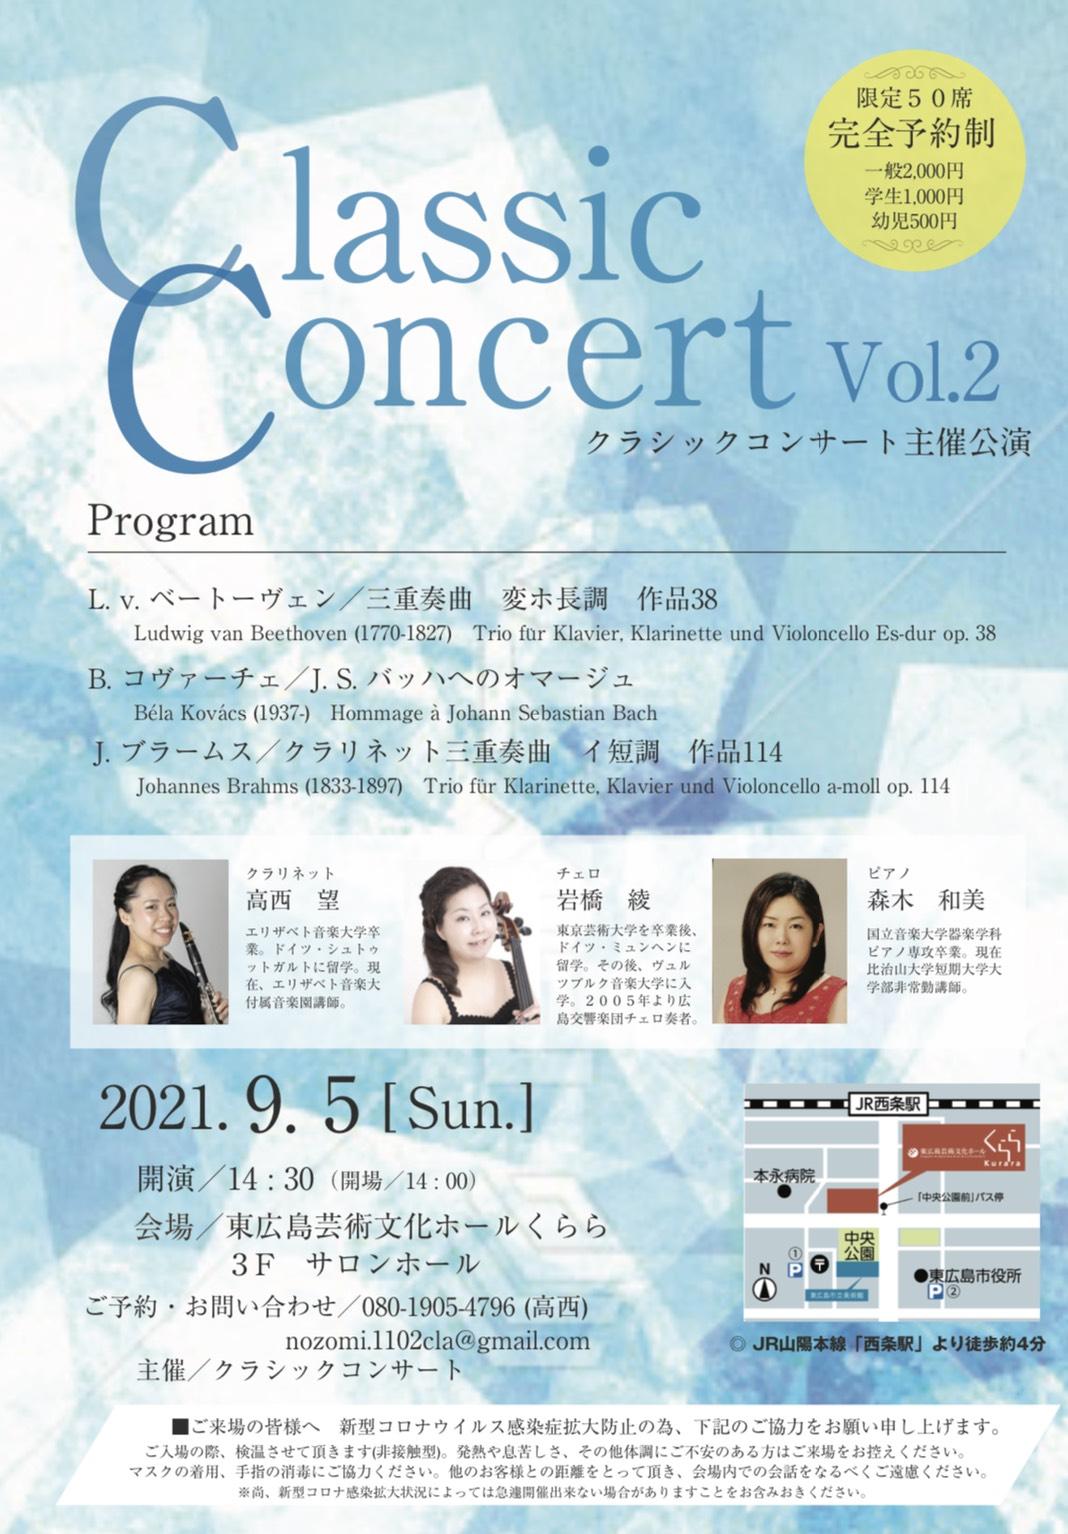 クラシックコンサート vol.2